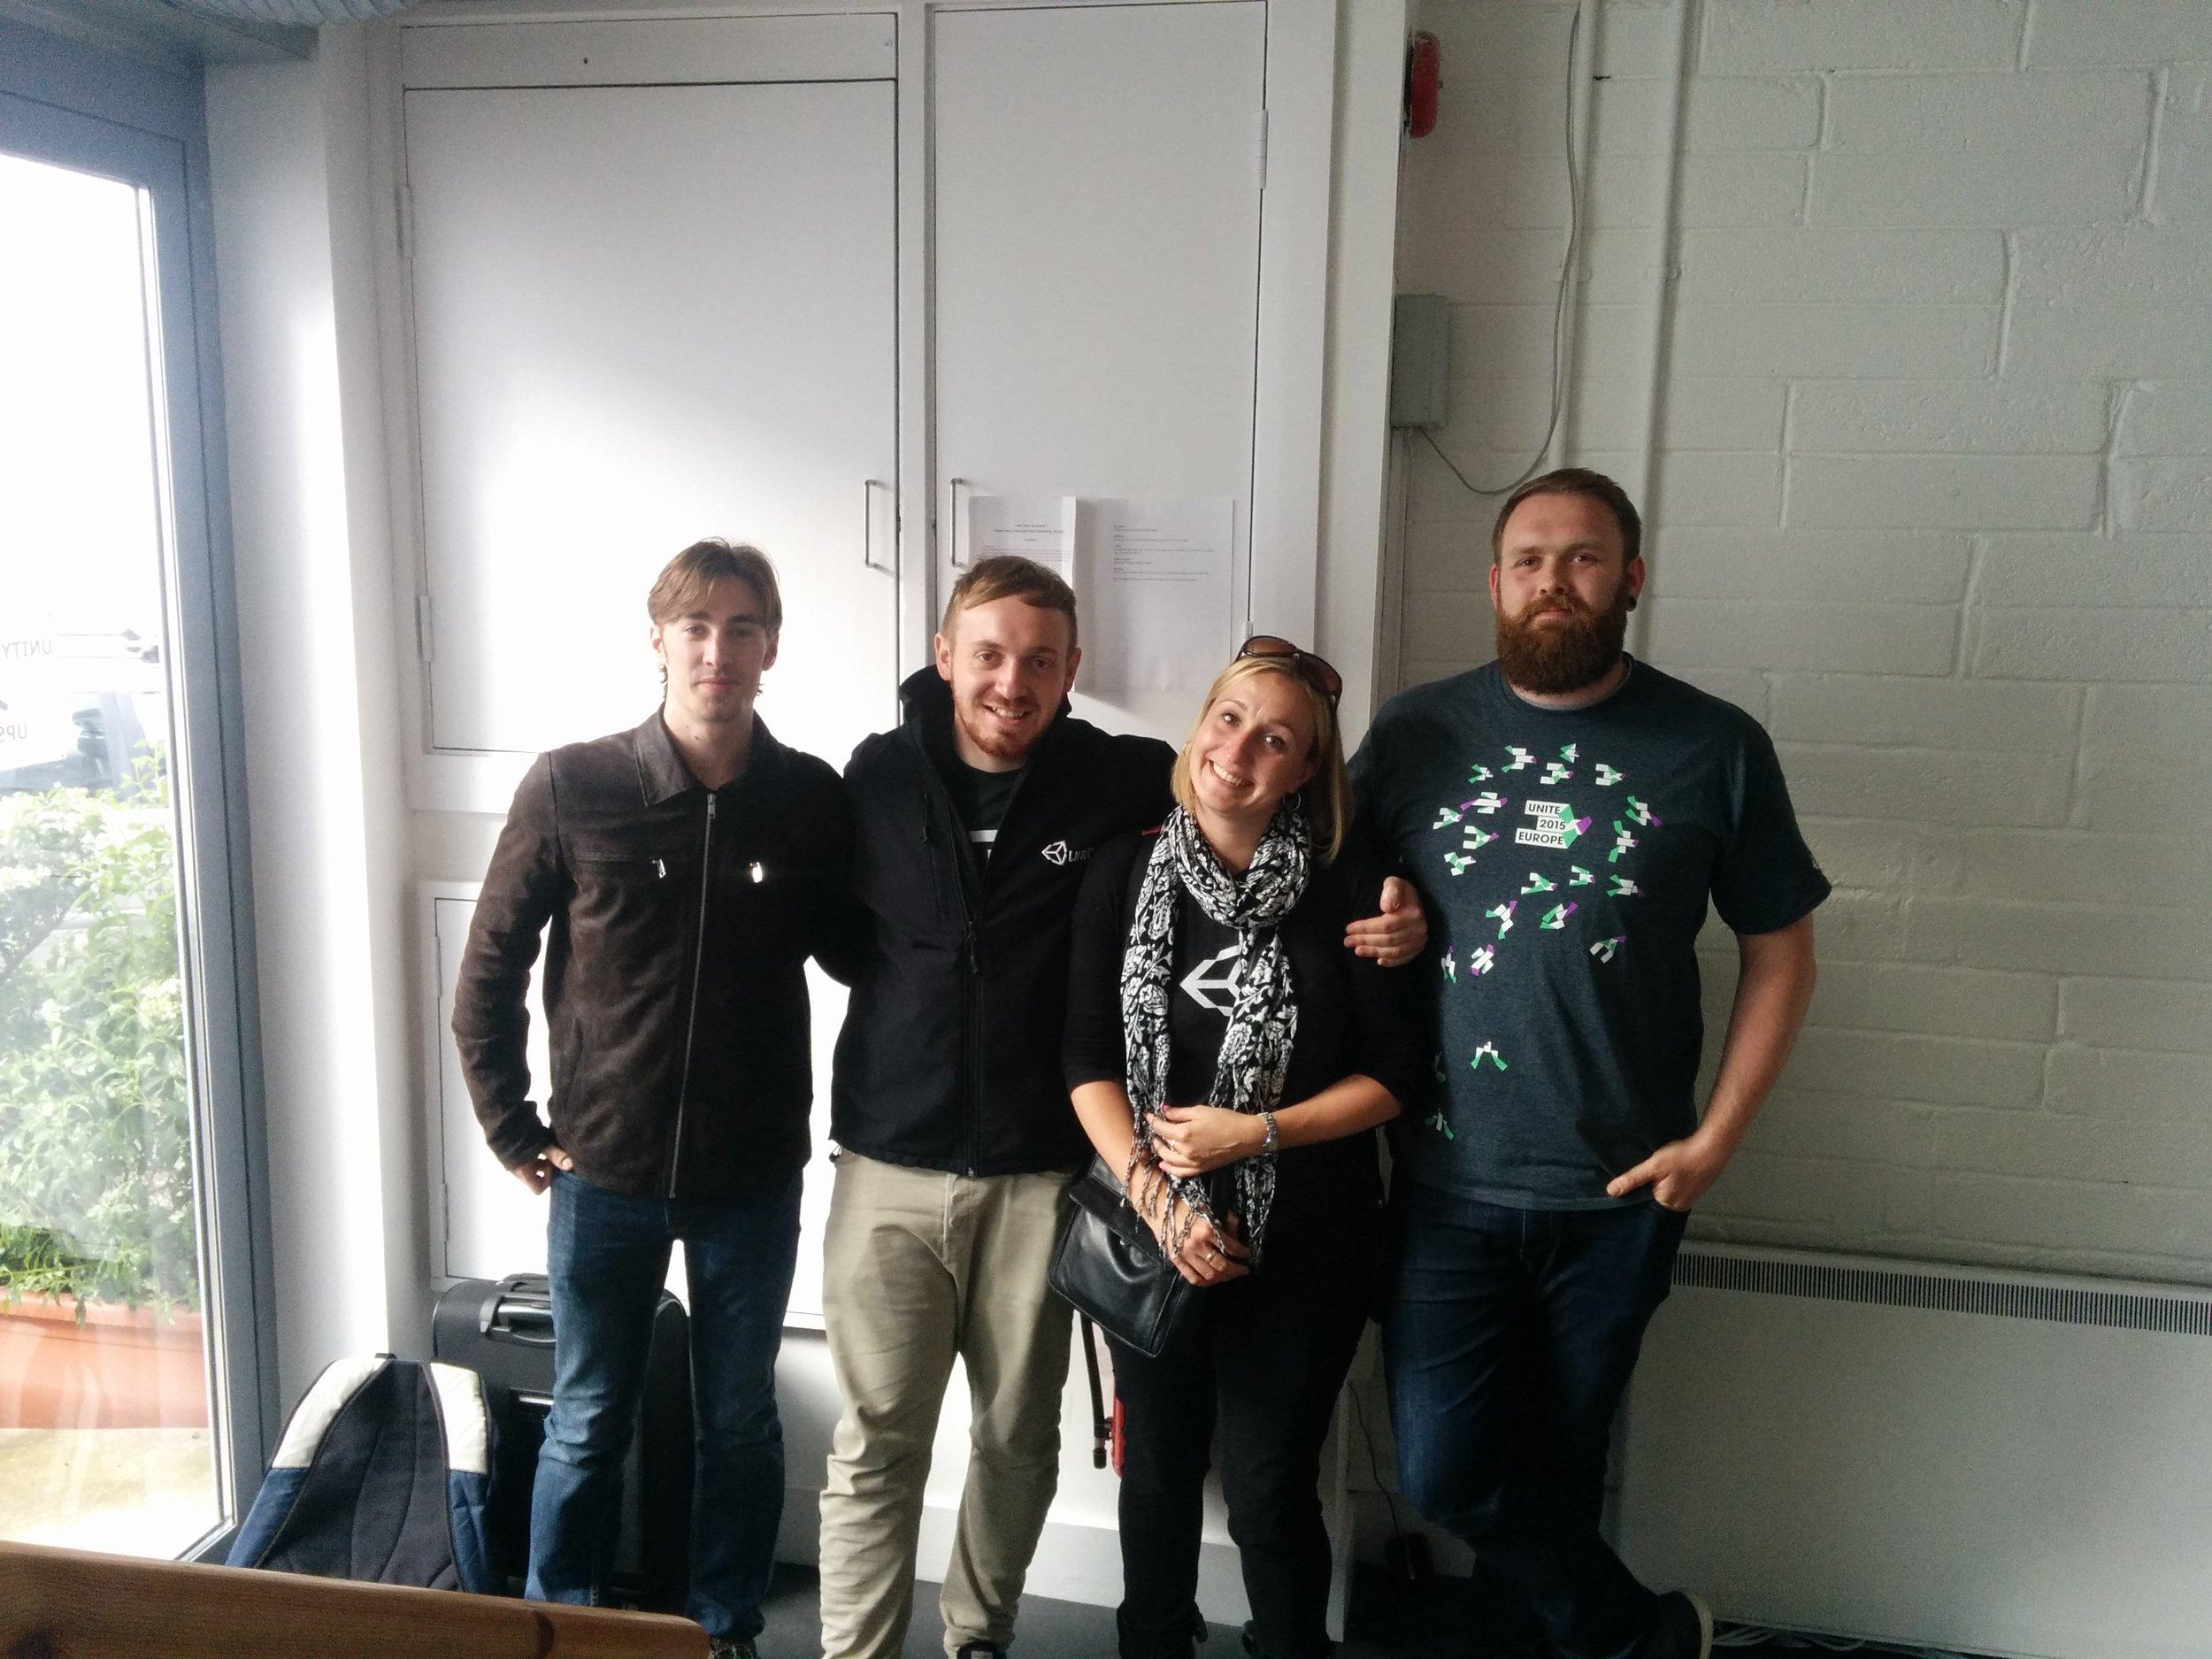 The Unity Team: John, Josh, Cathy & Mo